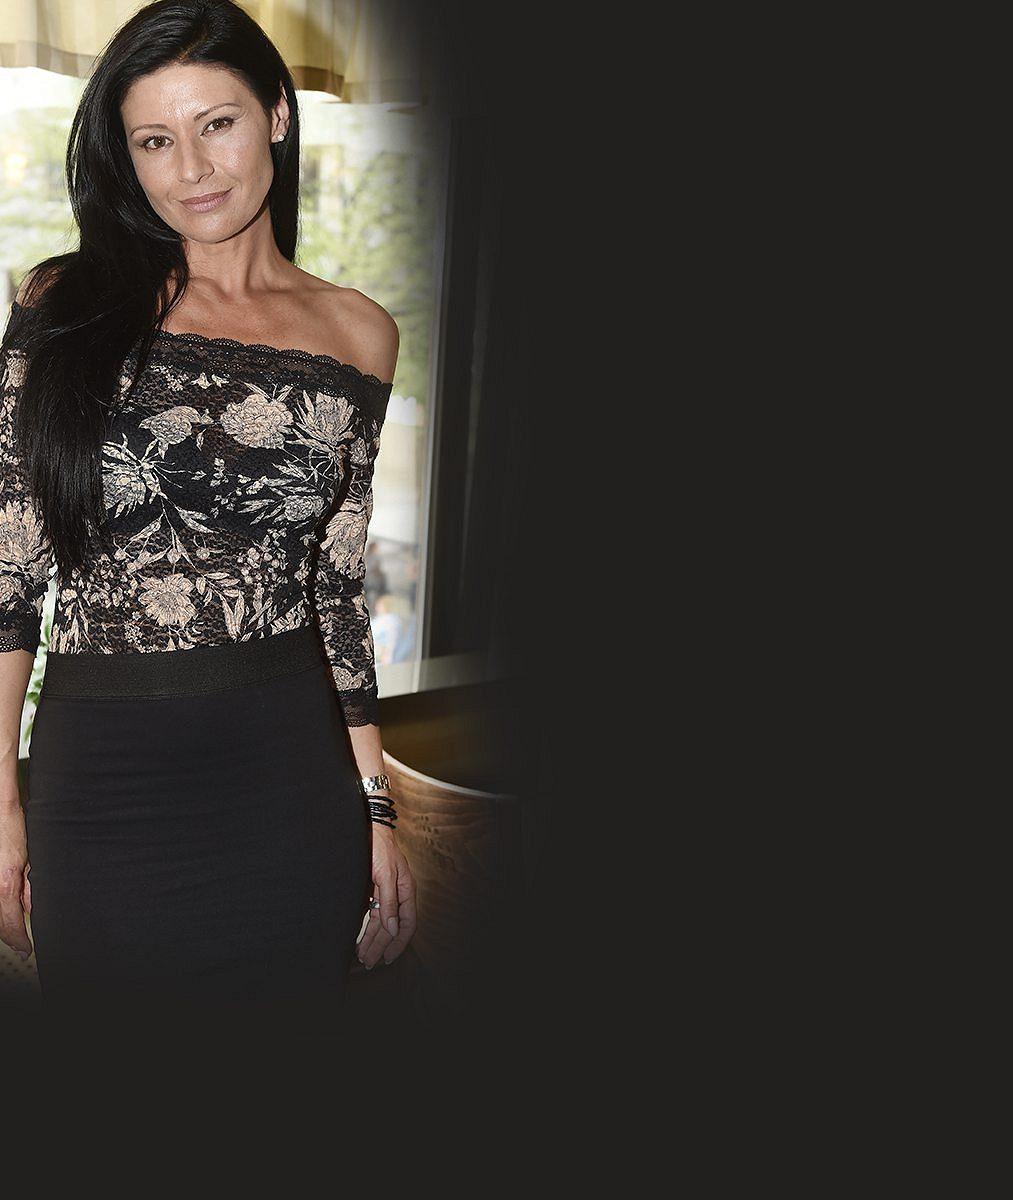 Miss Československo 1992 a krásná pětinásobná maminka po letech ve společnosti: To je Pavlína Babůrková (46) dnes